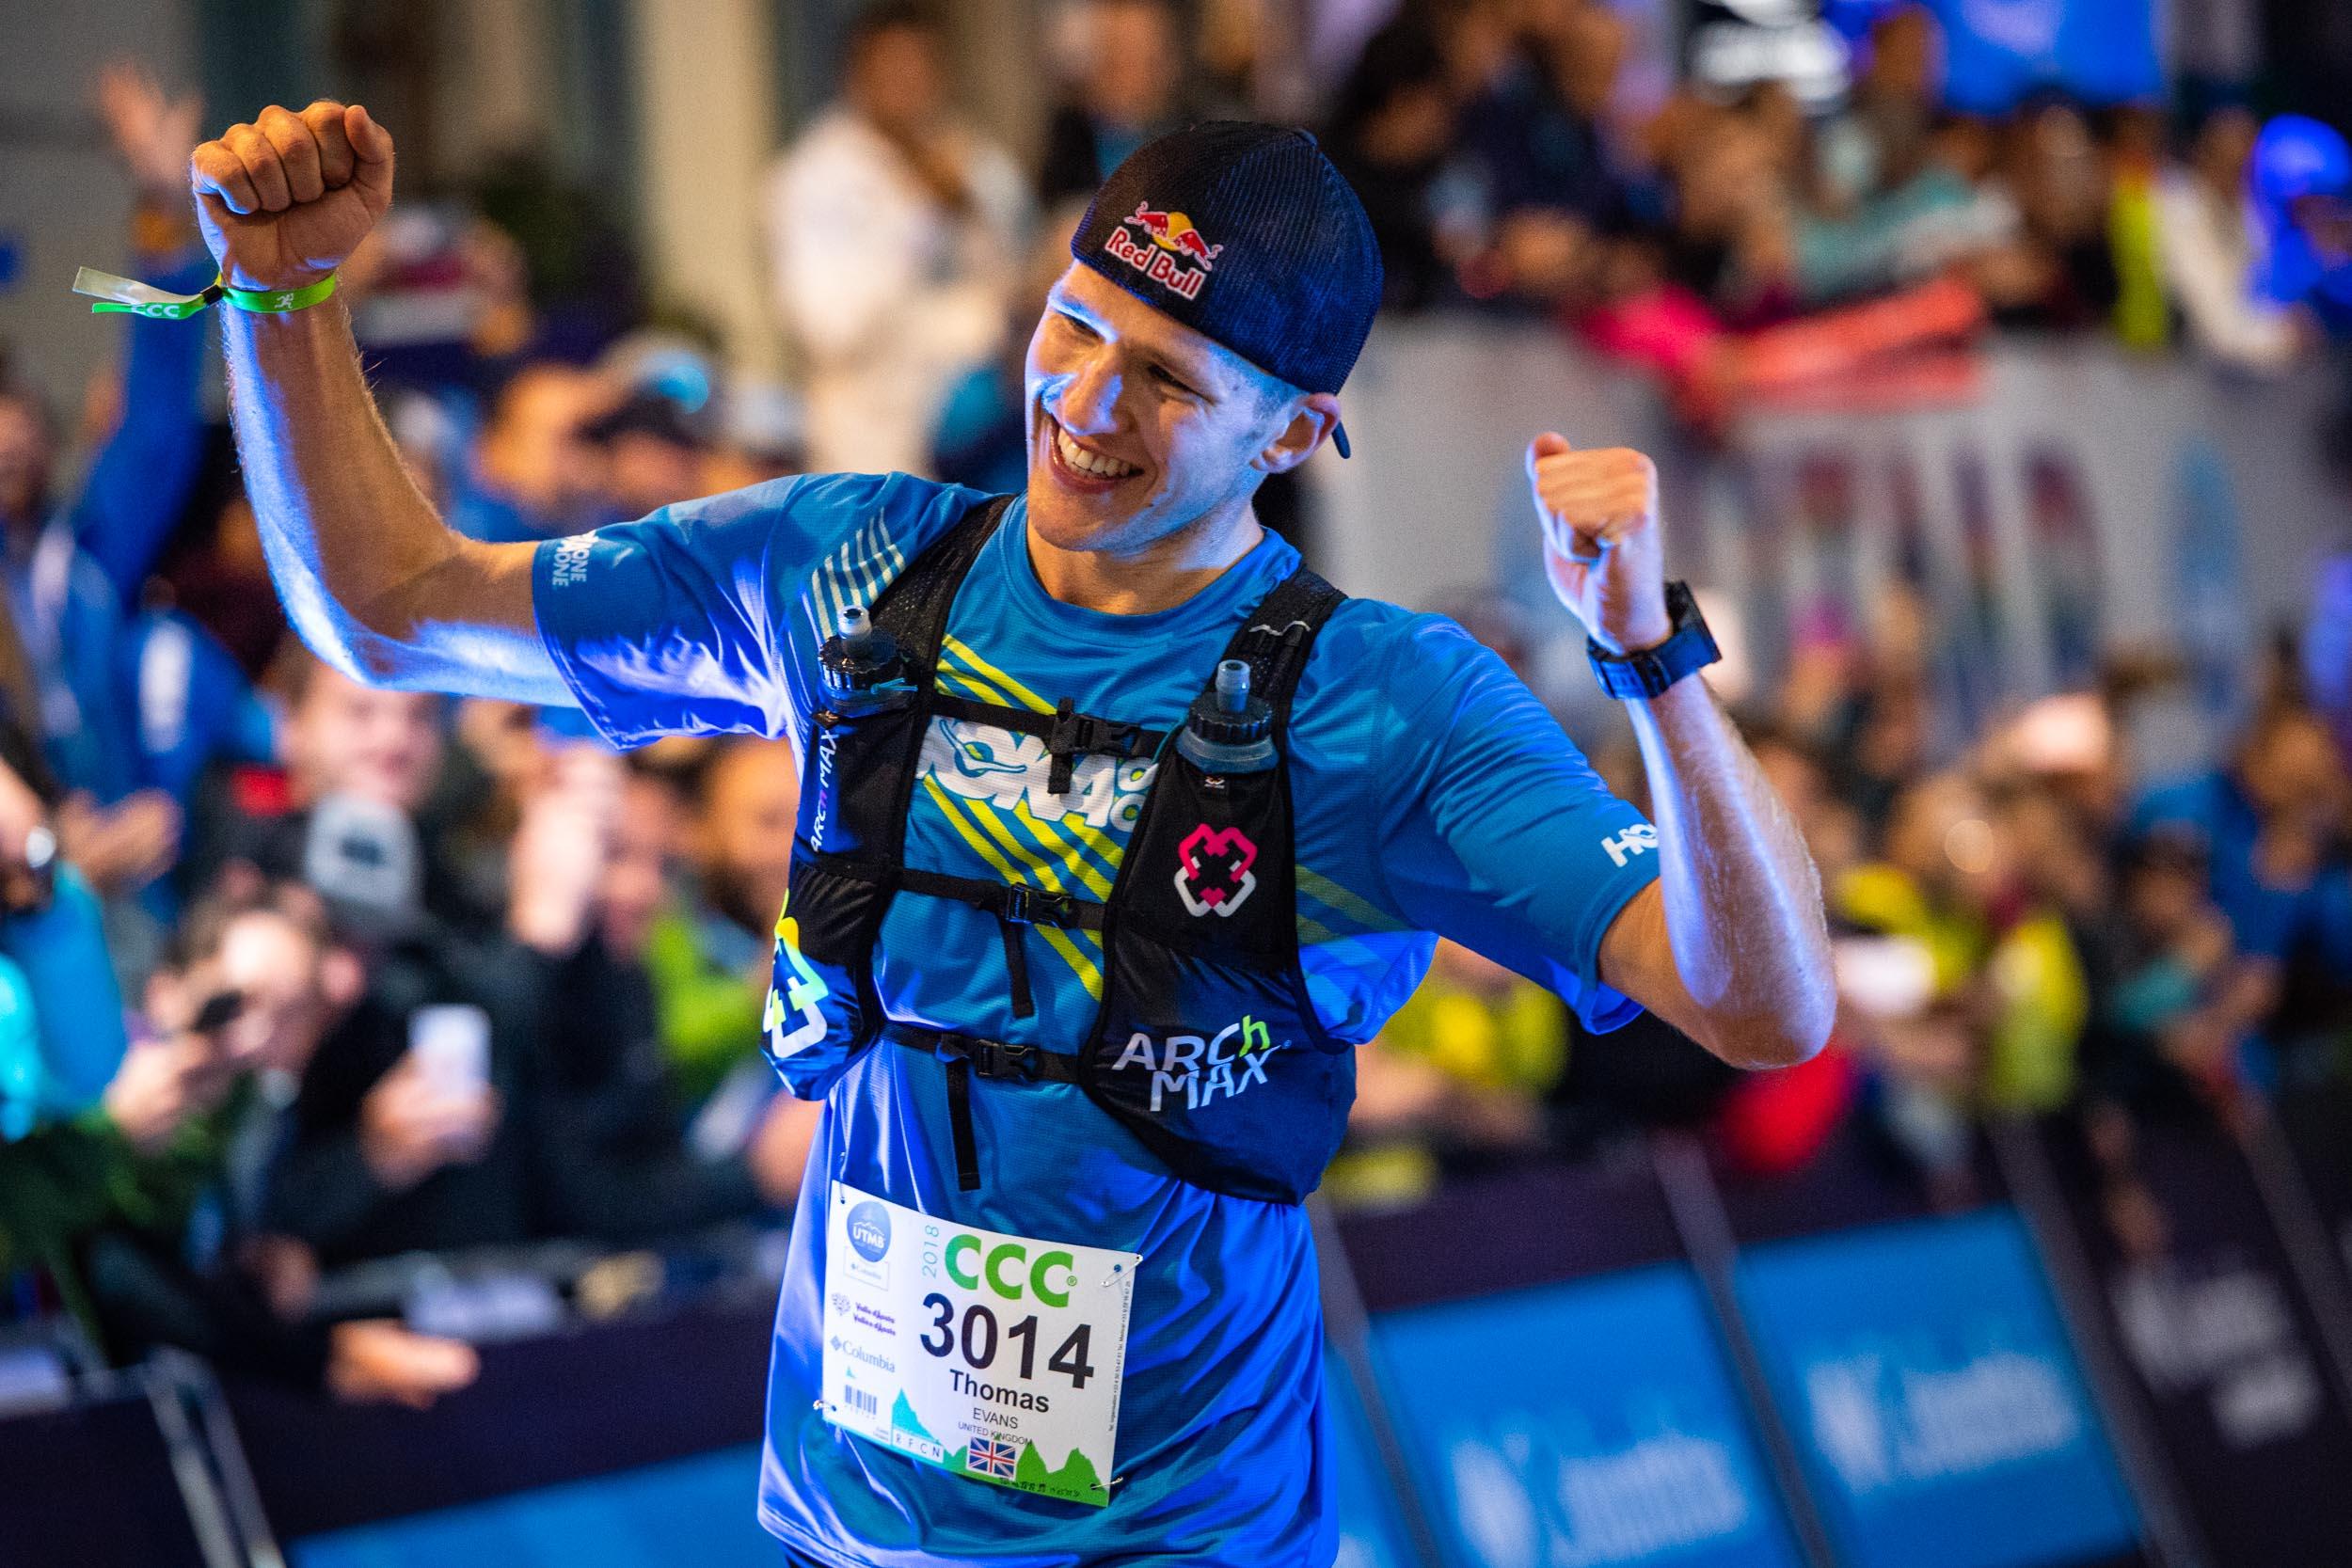 ultra runner Tom Evans wins the 2018 CCC